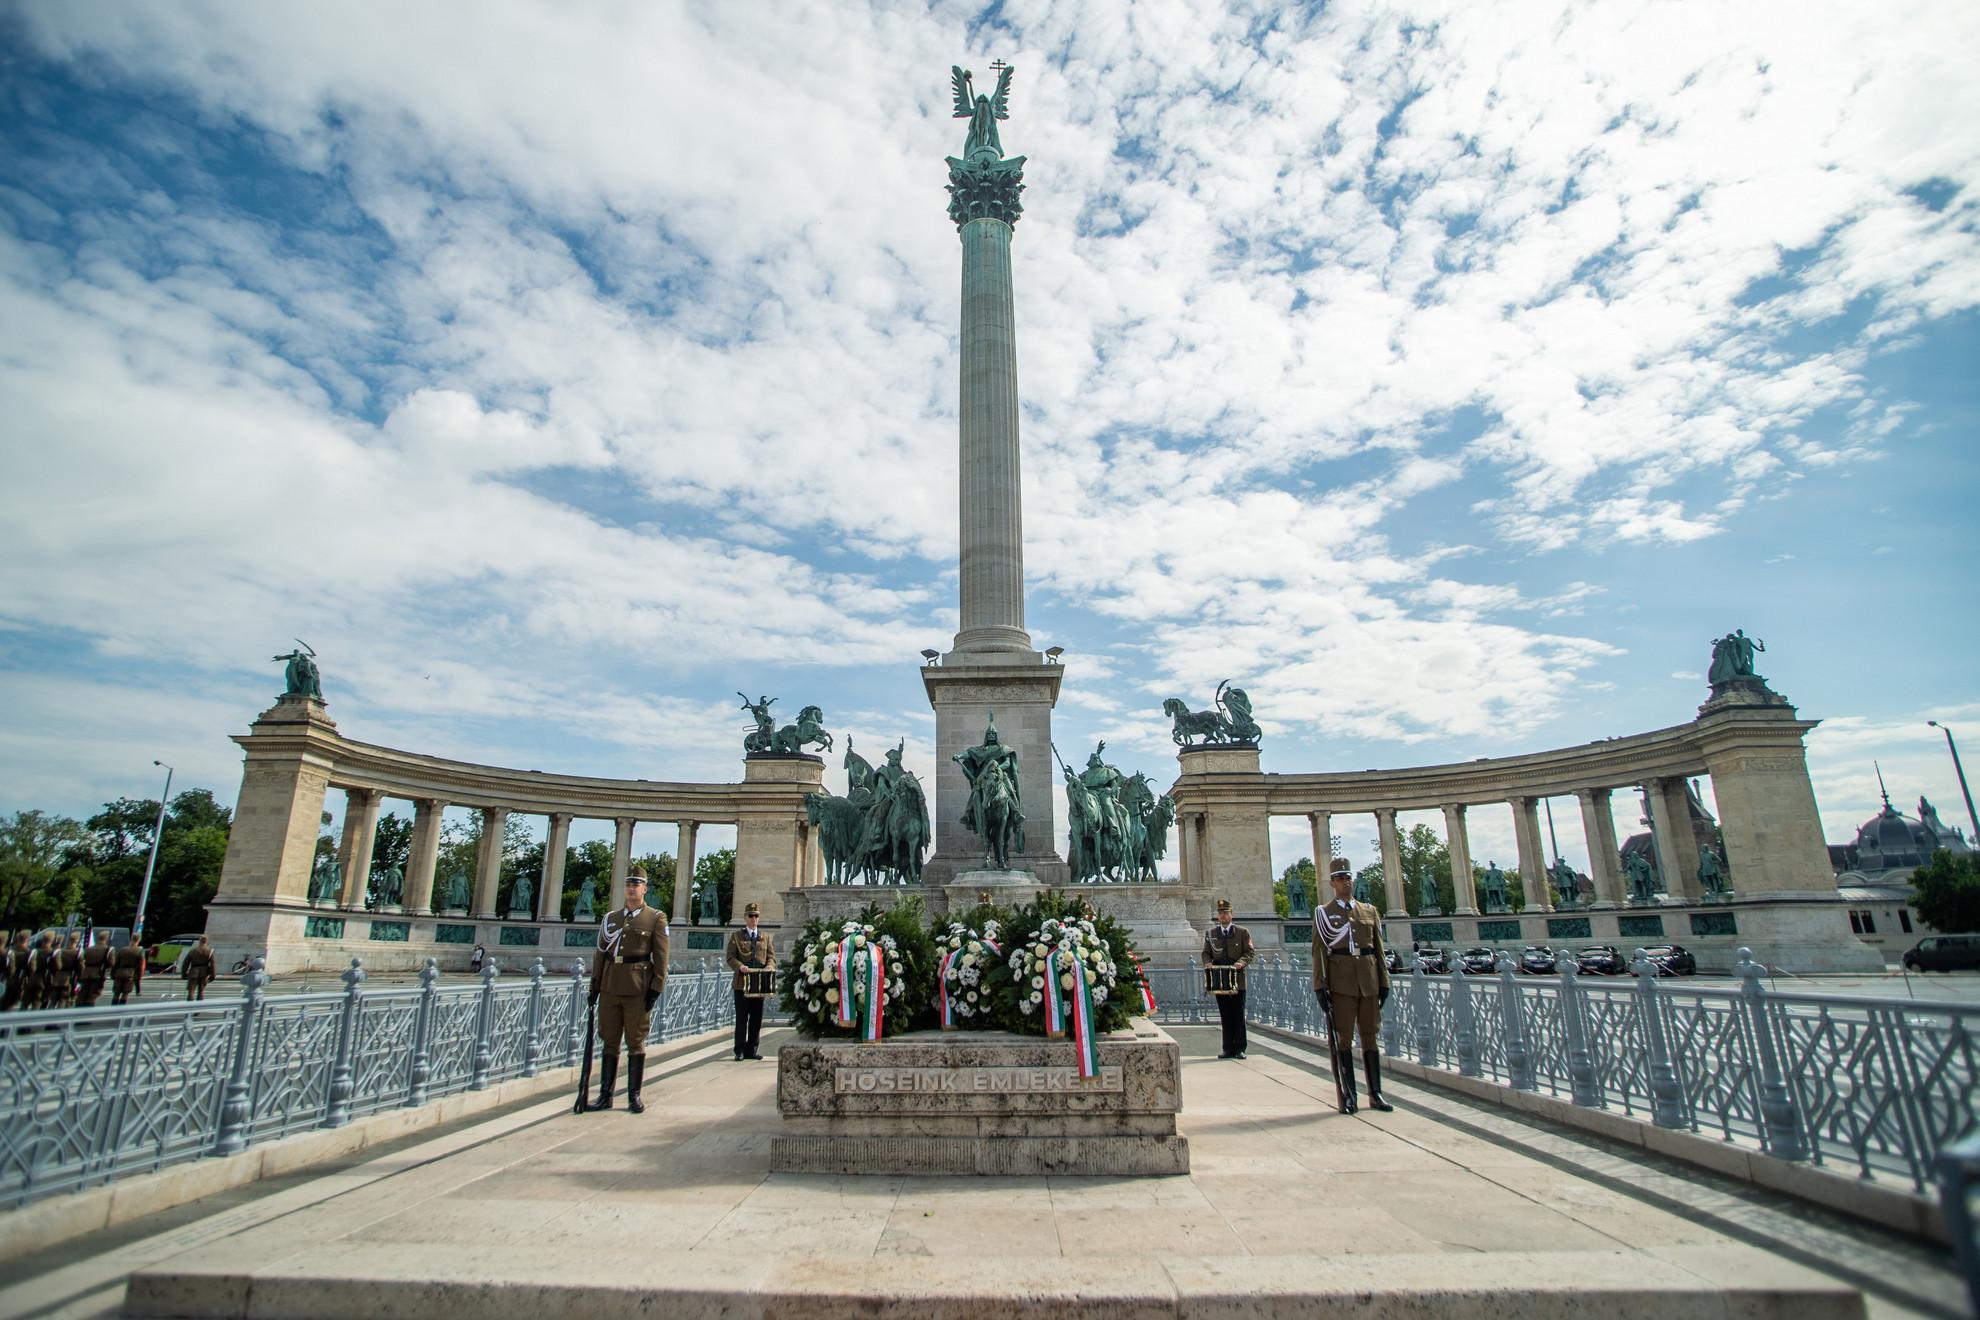 Díszőrség a Magyar Hősök Emlékkövénél a magyar hősök emlékünnepén Budapesten, a Hősök terén 2021. május 30-án